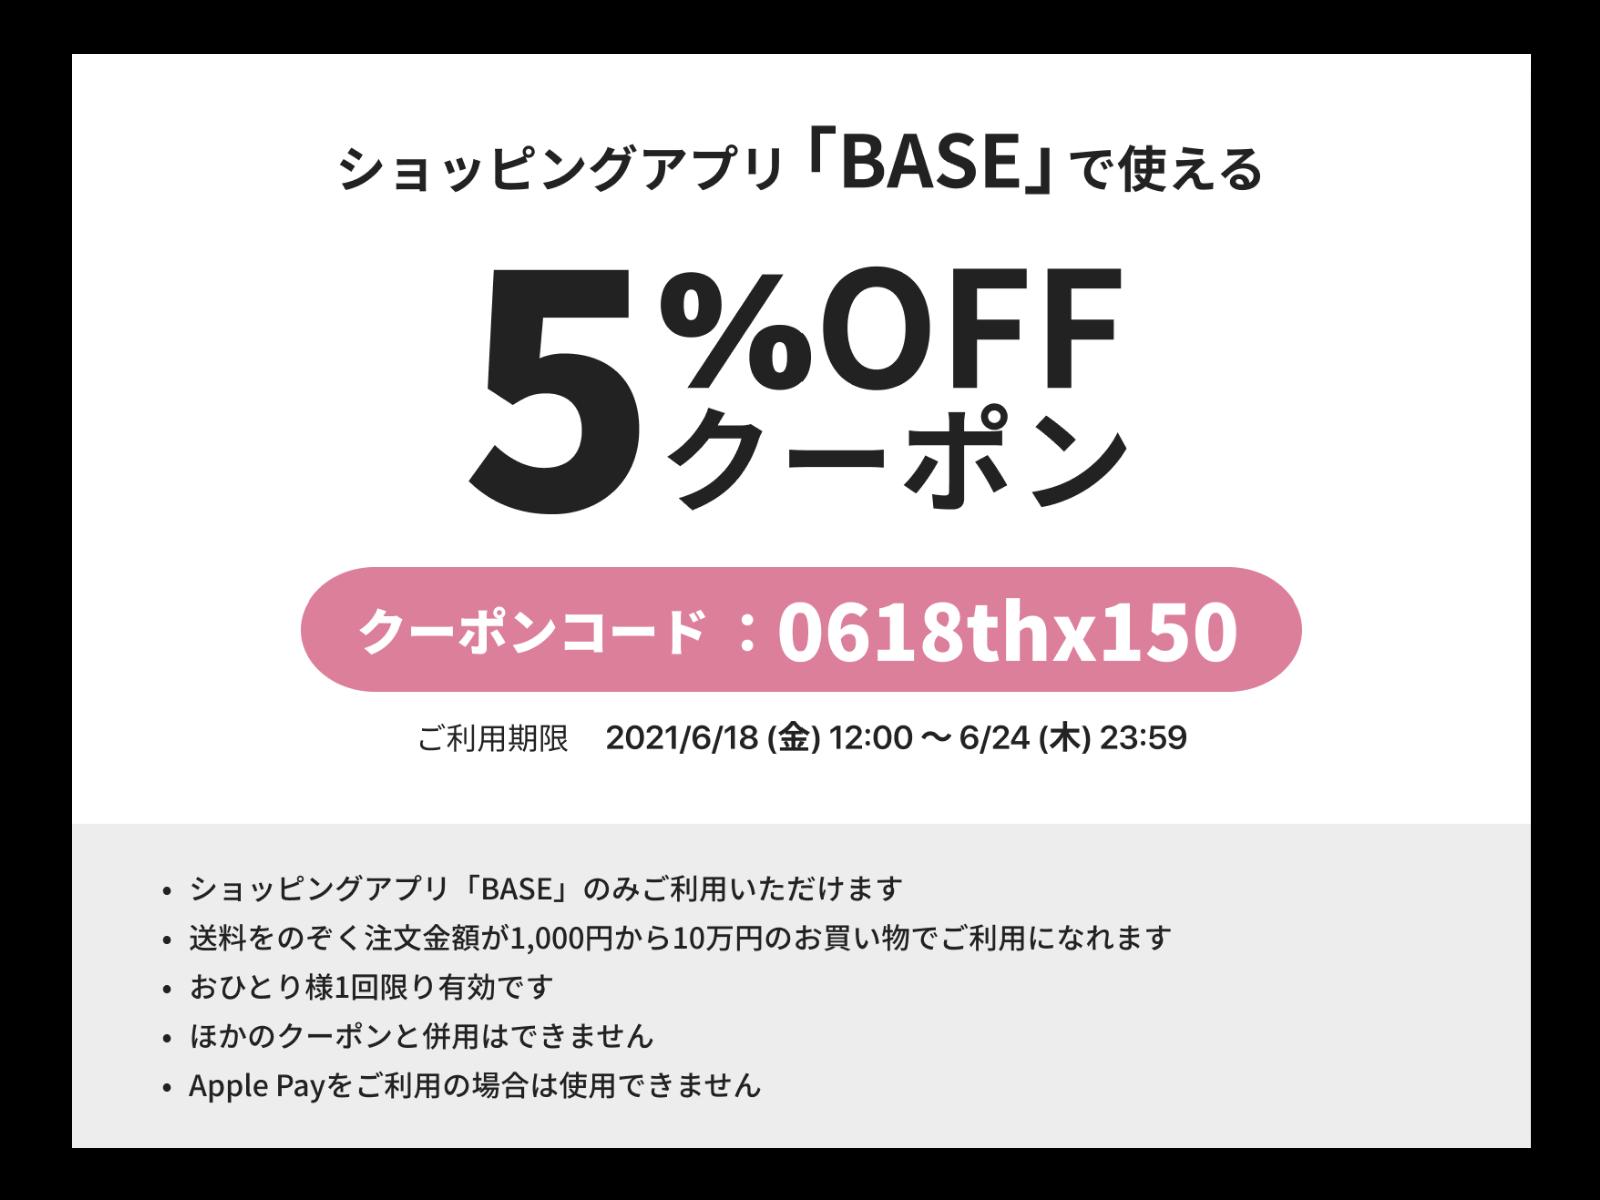 【終了しました】「BASEショッピングクーポン全商品5%OFF」キャンペーンのお知らせ